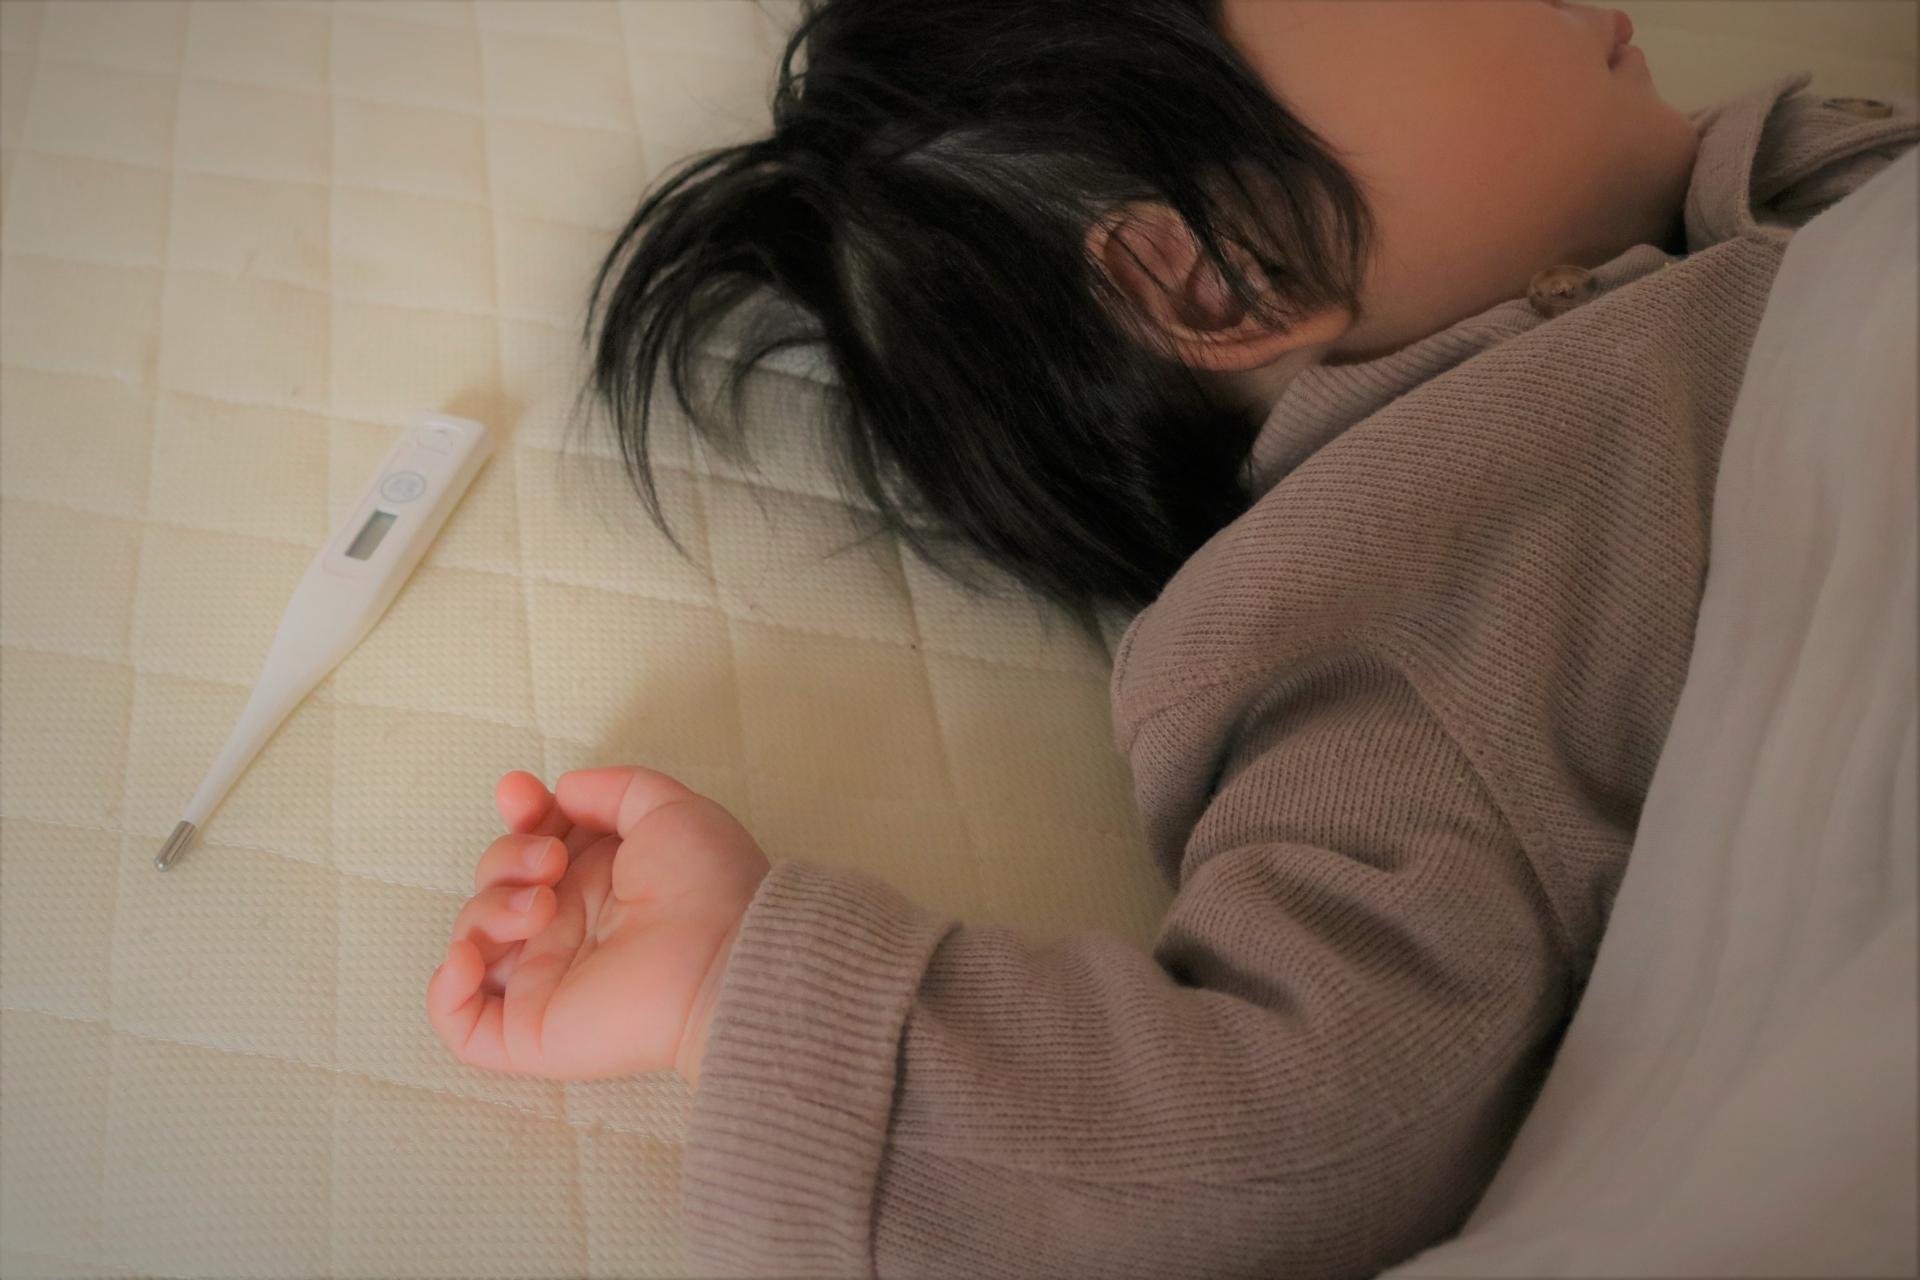 子供がインフルエンザで高熱も休まれては困ると言われ子連れで出勤